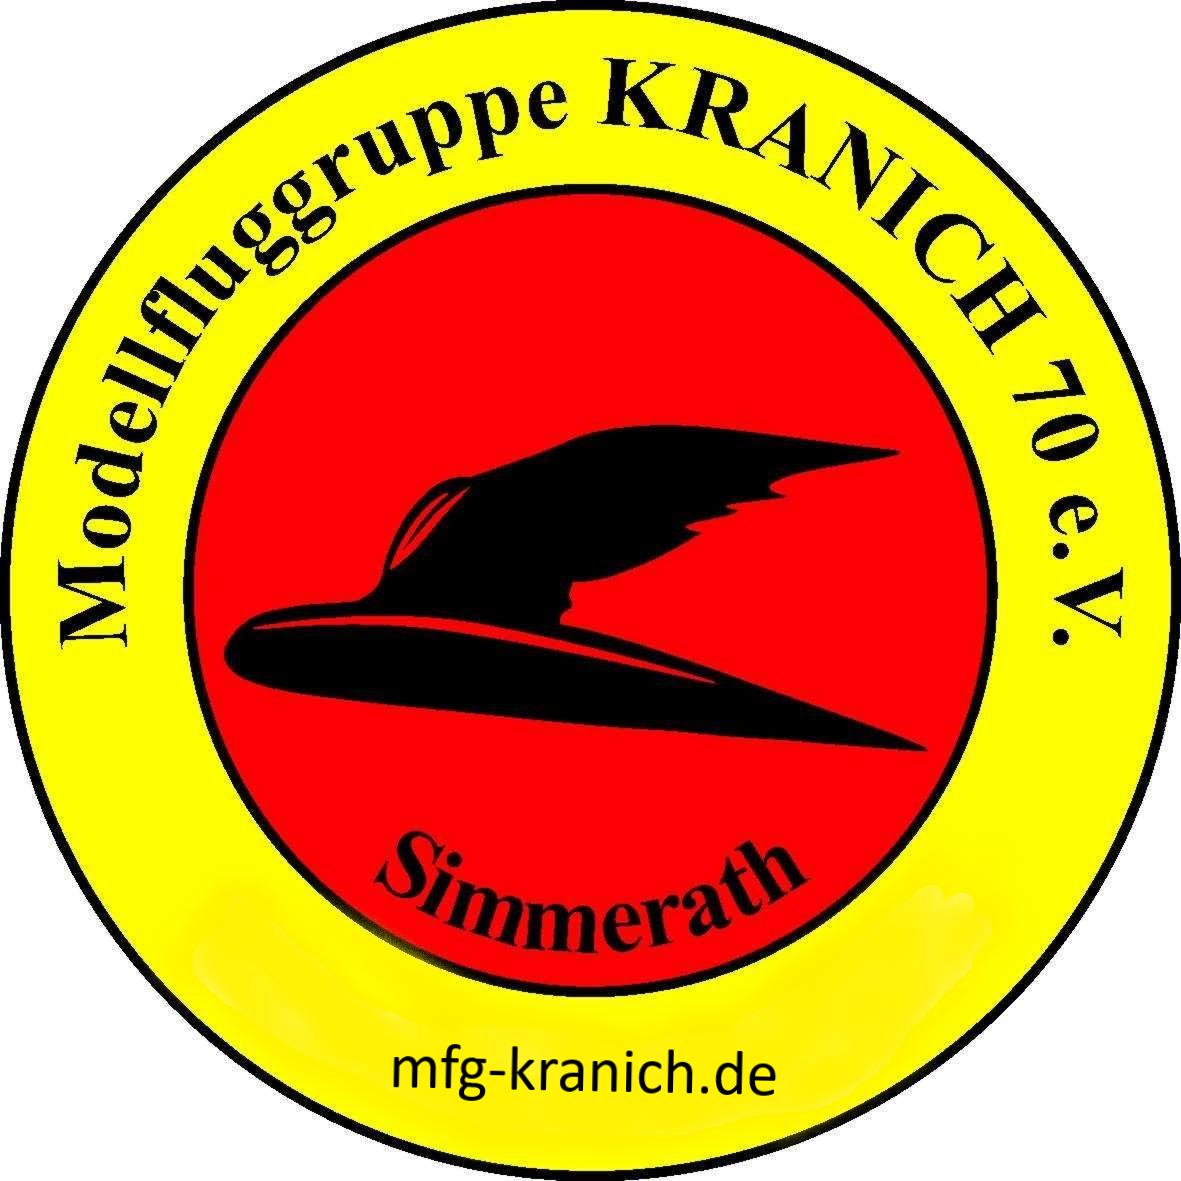 MFG-Kranich